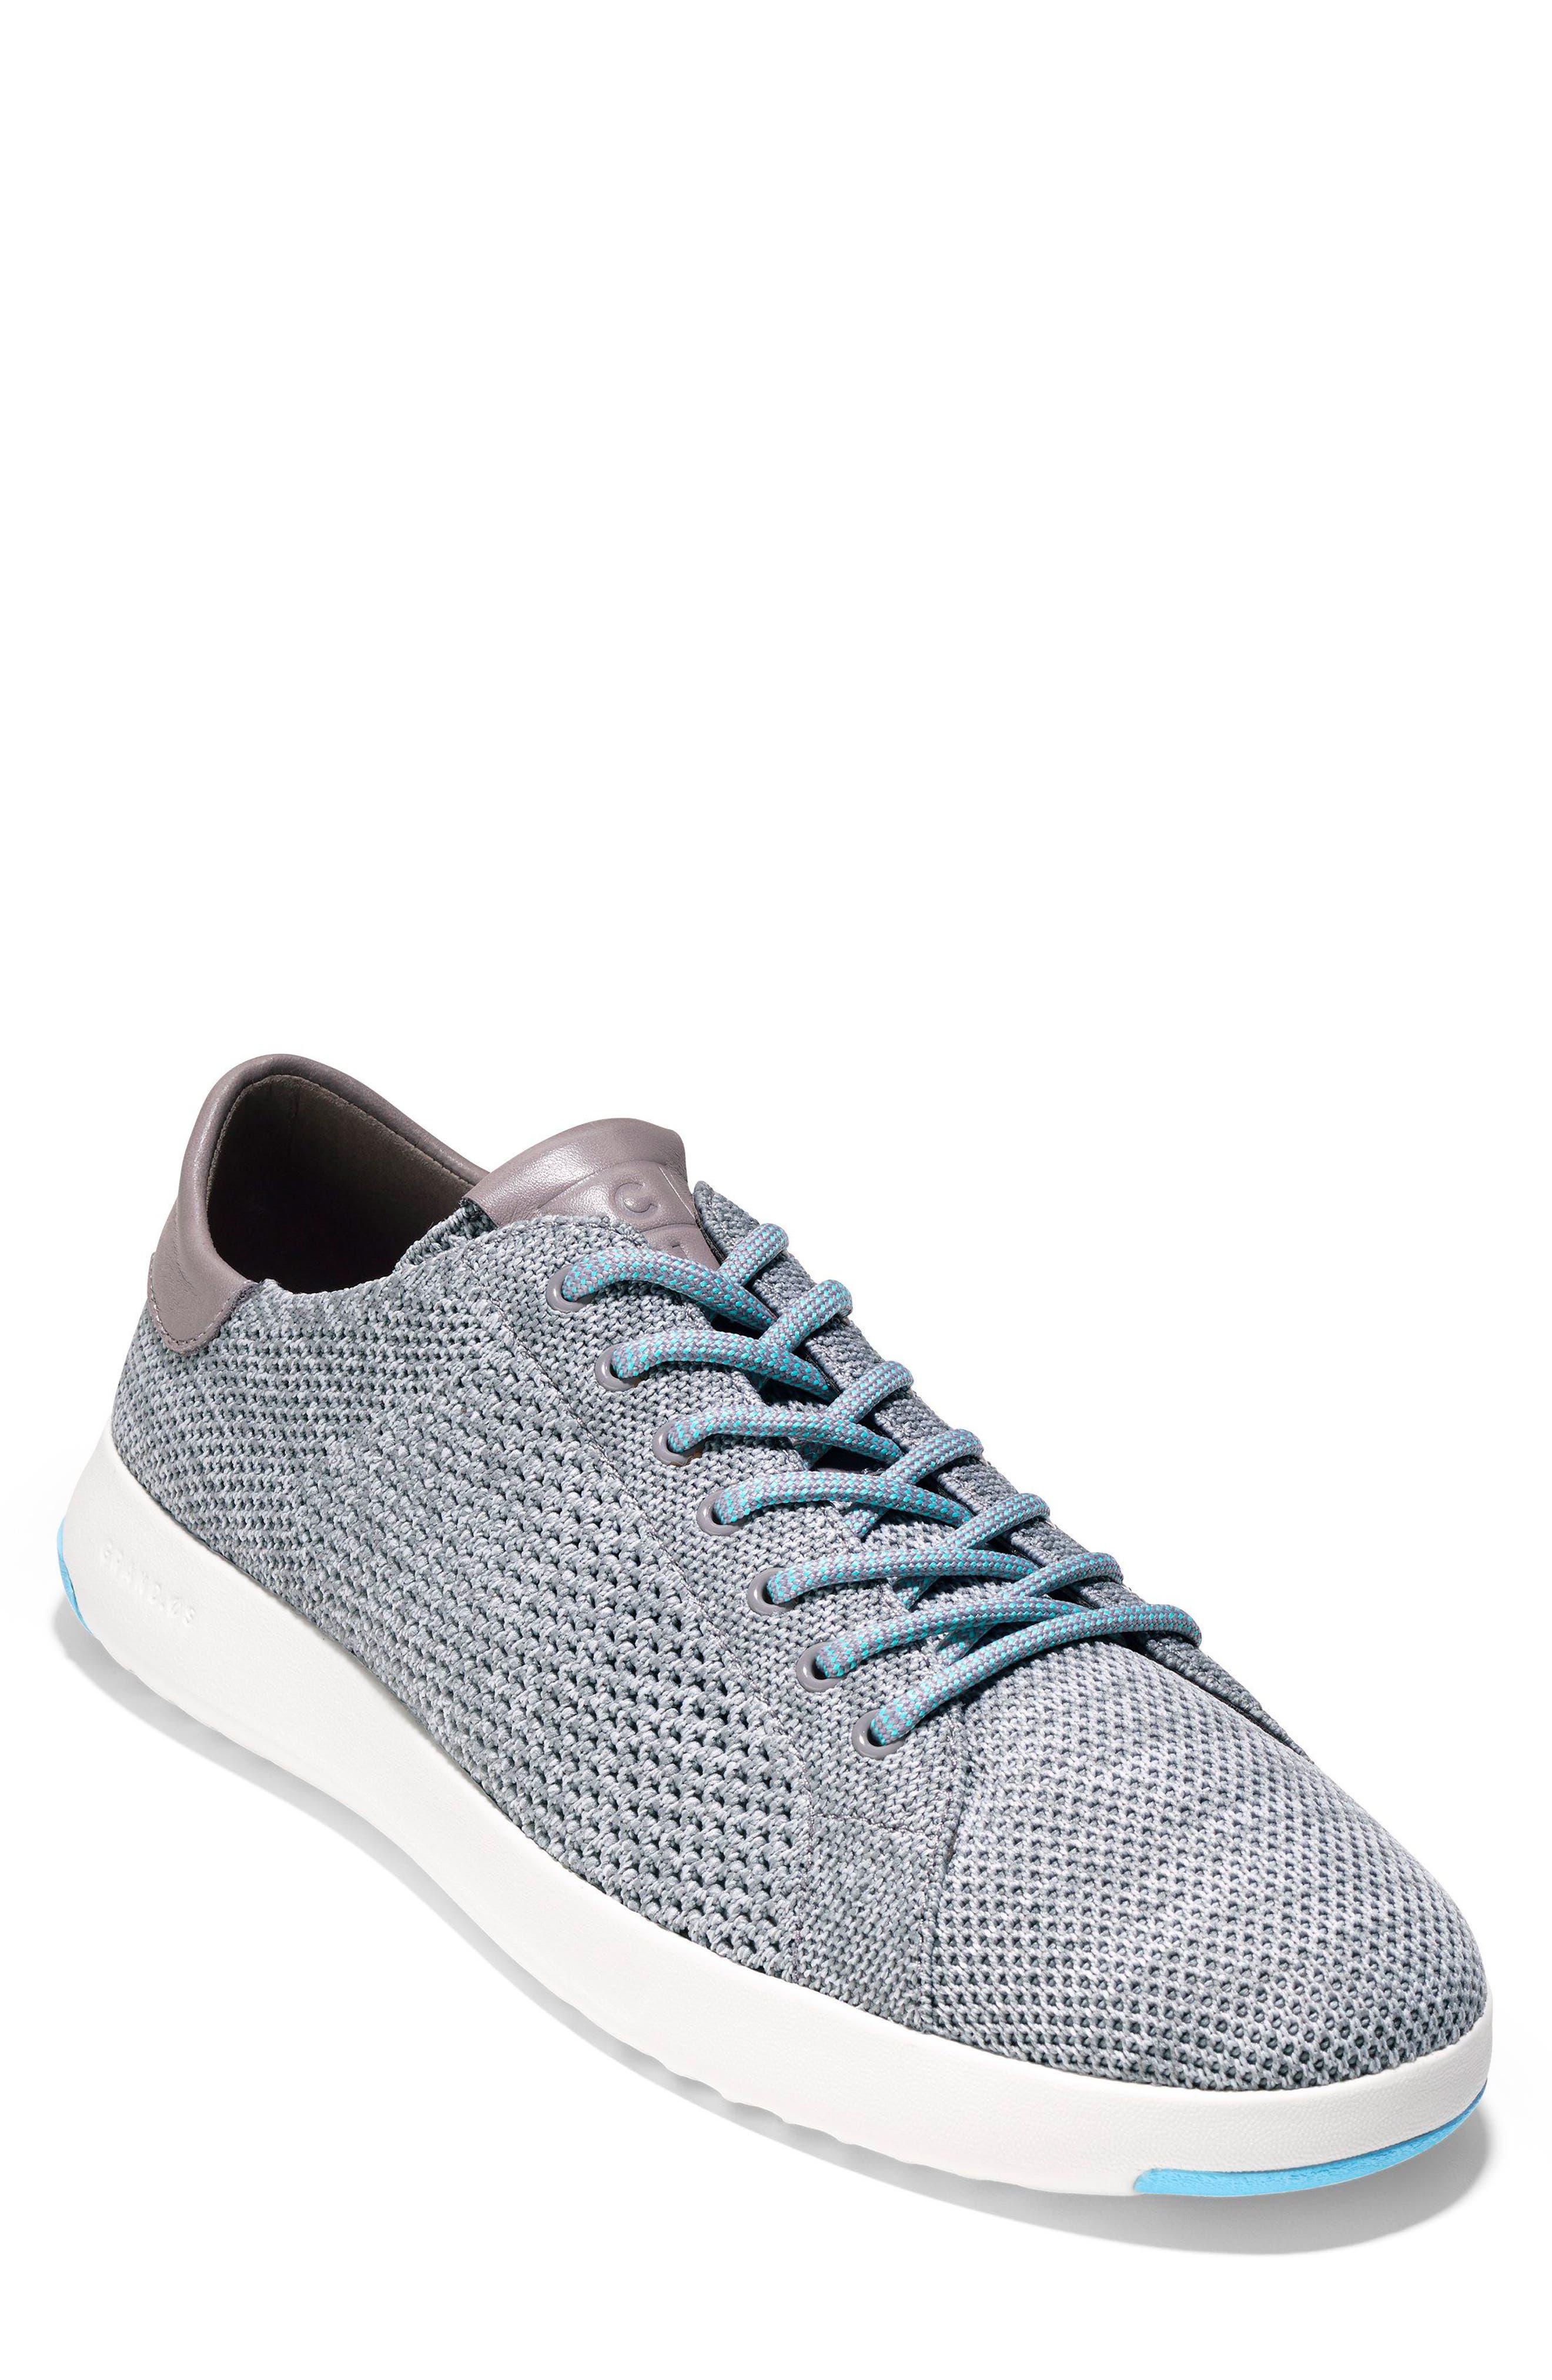 GrandPro Tennis Stitchlite Sneaker,                         Main,                         color,